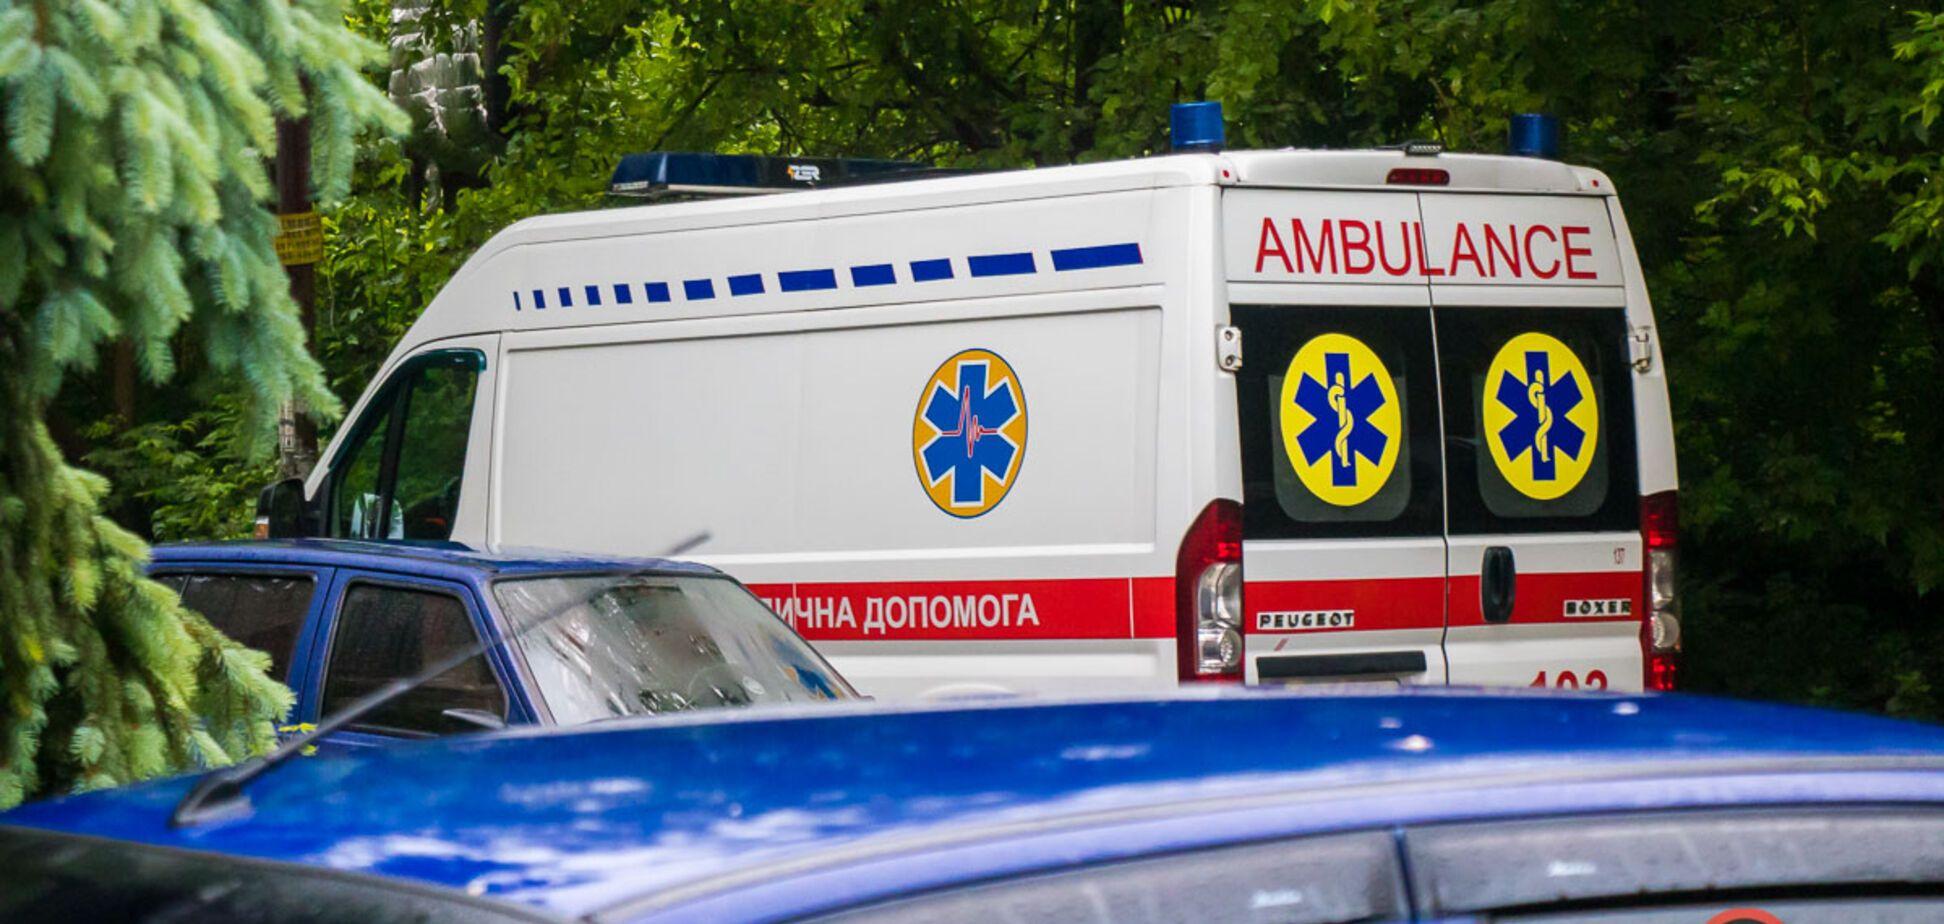 В Днепре женщина погибла после падения с балкона. Фото с места ЧП